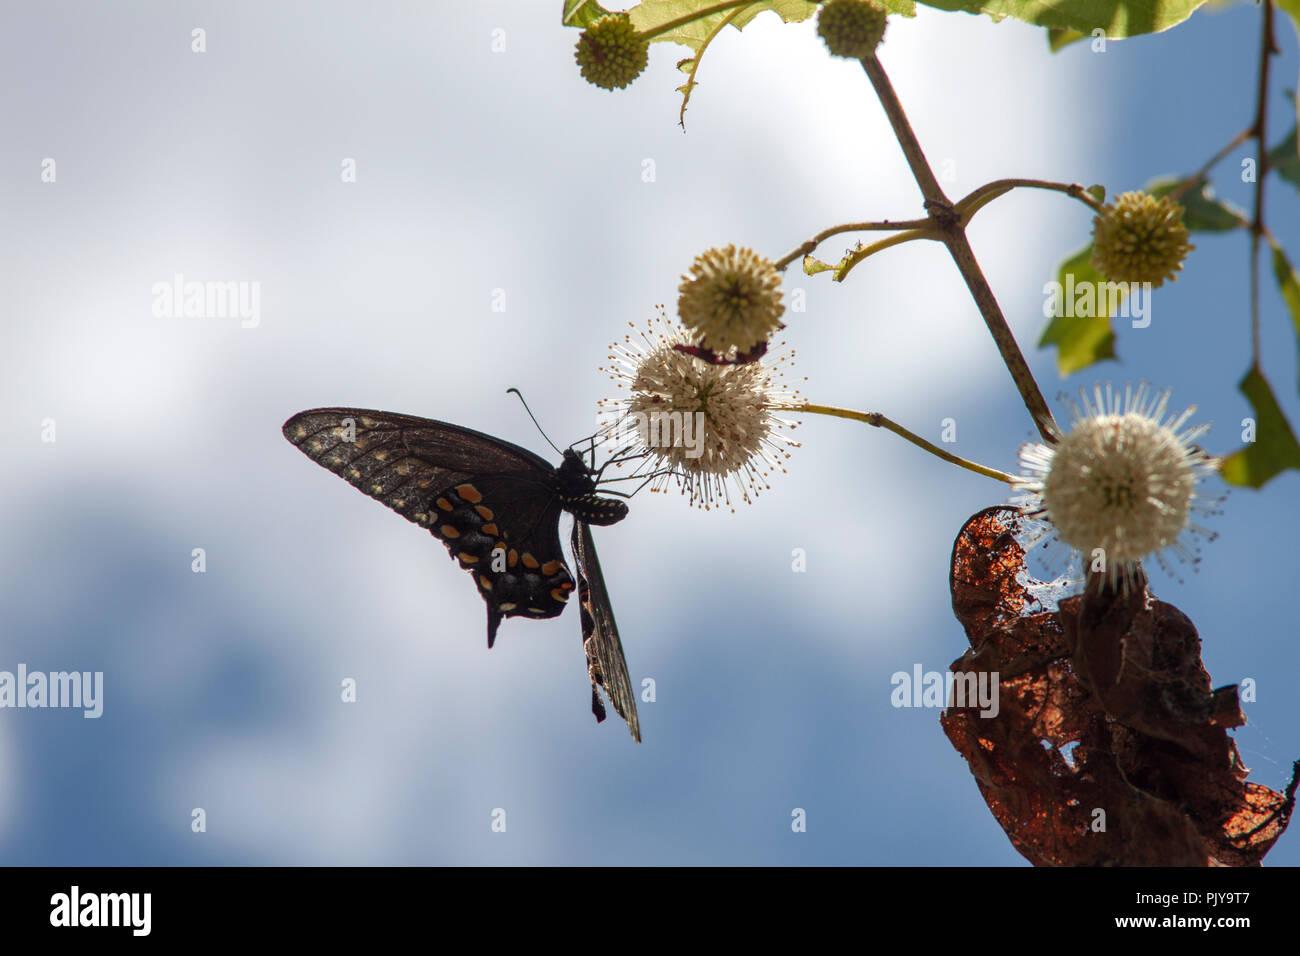 Una mariposa se alimenta en una flor de azahar contra un brillante, el cielo nublado en Bayou Coquille, al sur de Nueva Orleans, Luisiana. Foto de stock